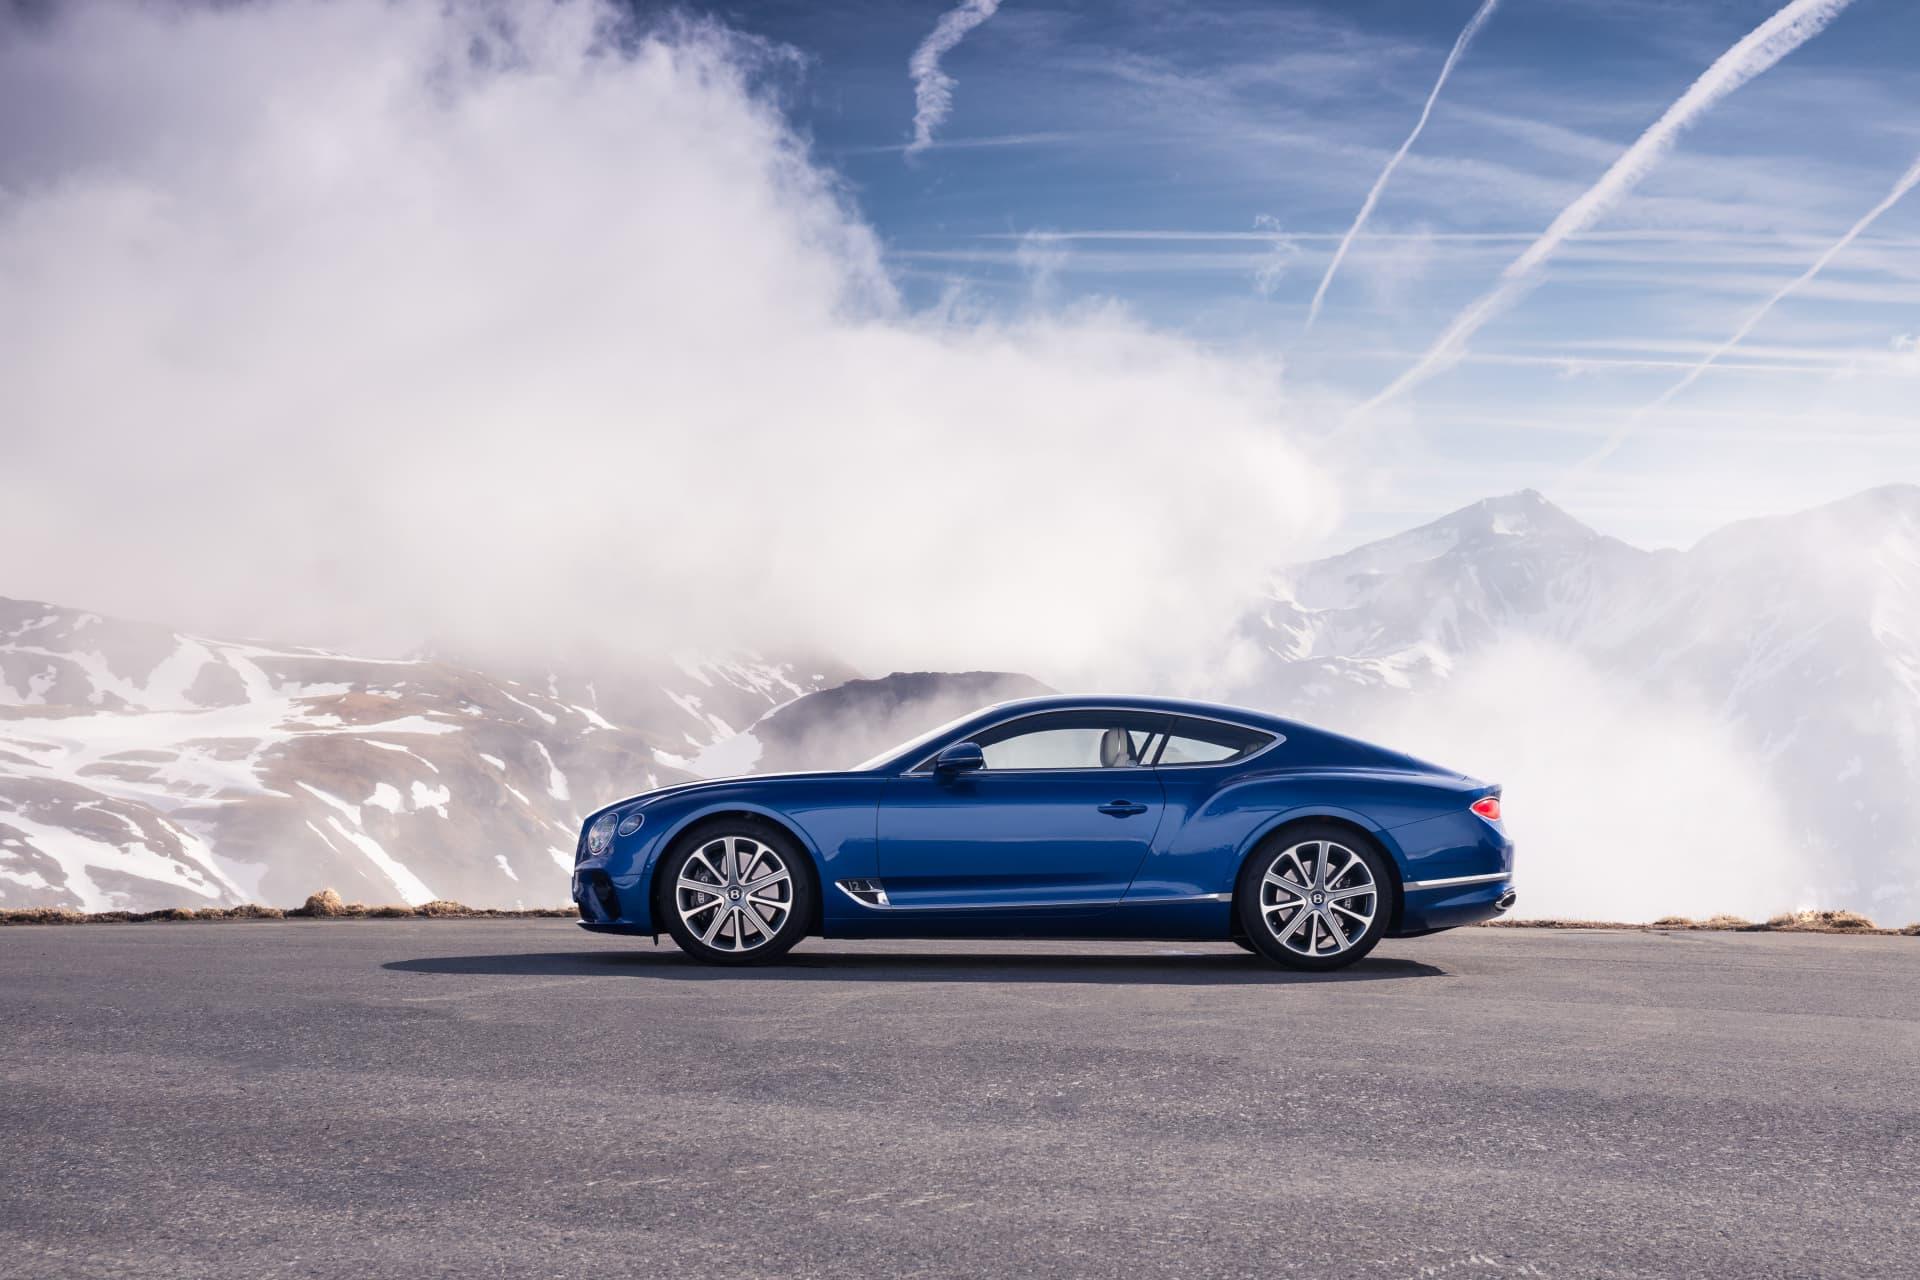 Bentley Continental Gt Sequin Blue 24